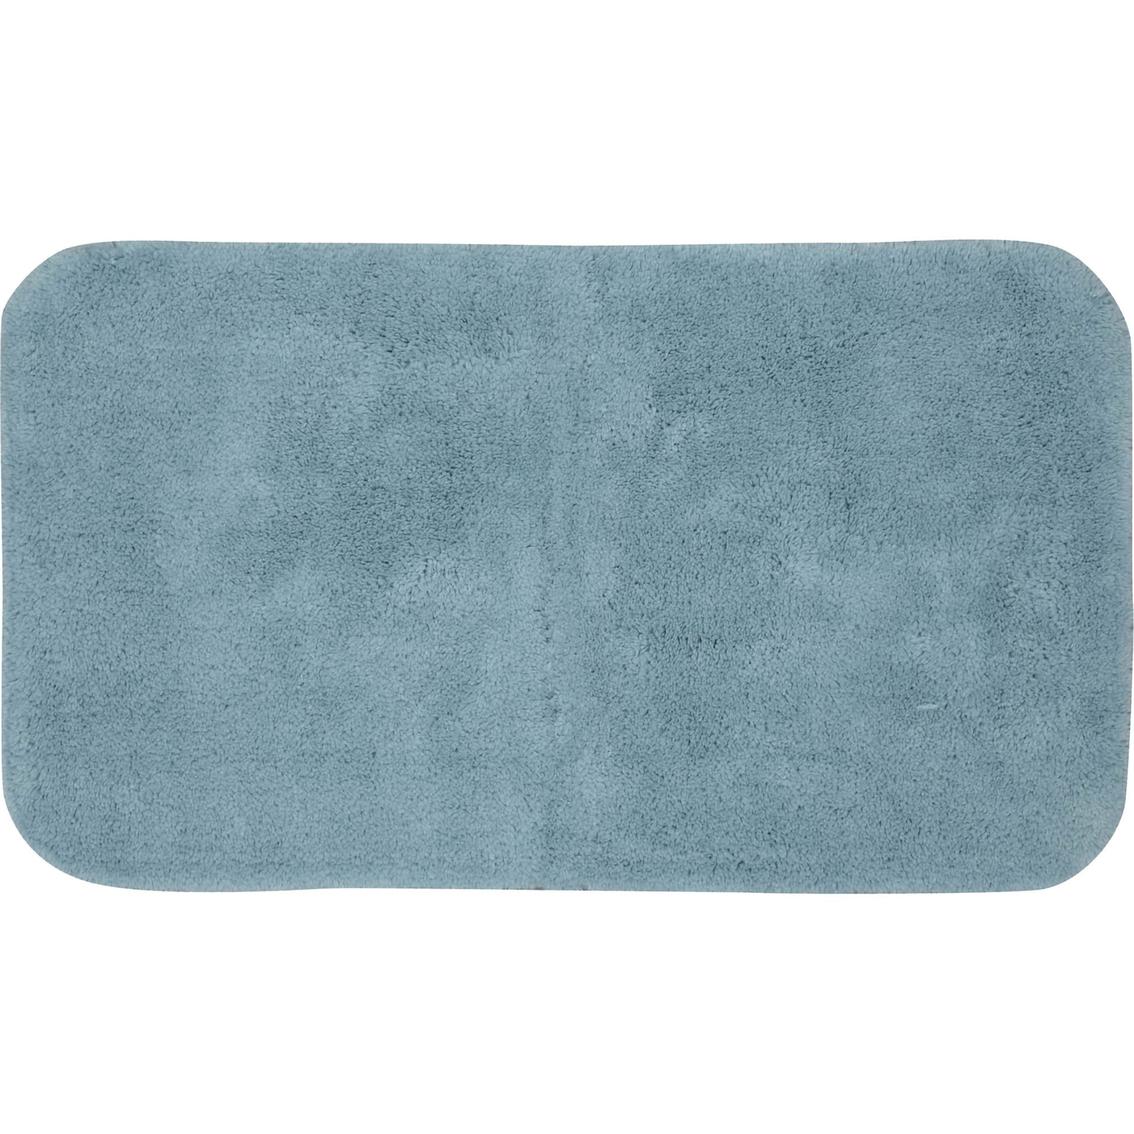 Simply Perfect 17 X 24 Bath Rug | Shower Curtains & Bath Rugs | Home ...